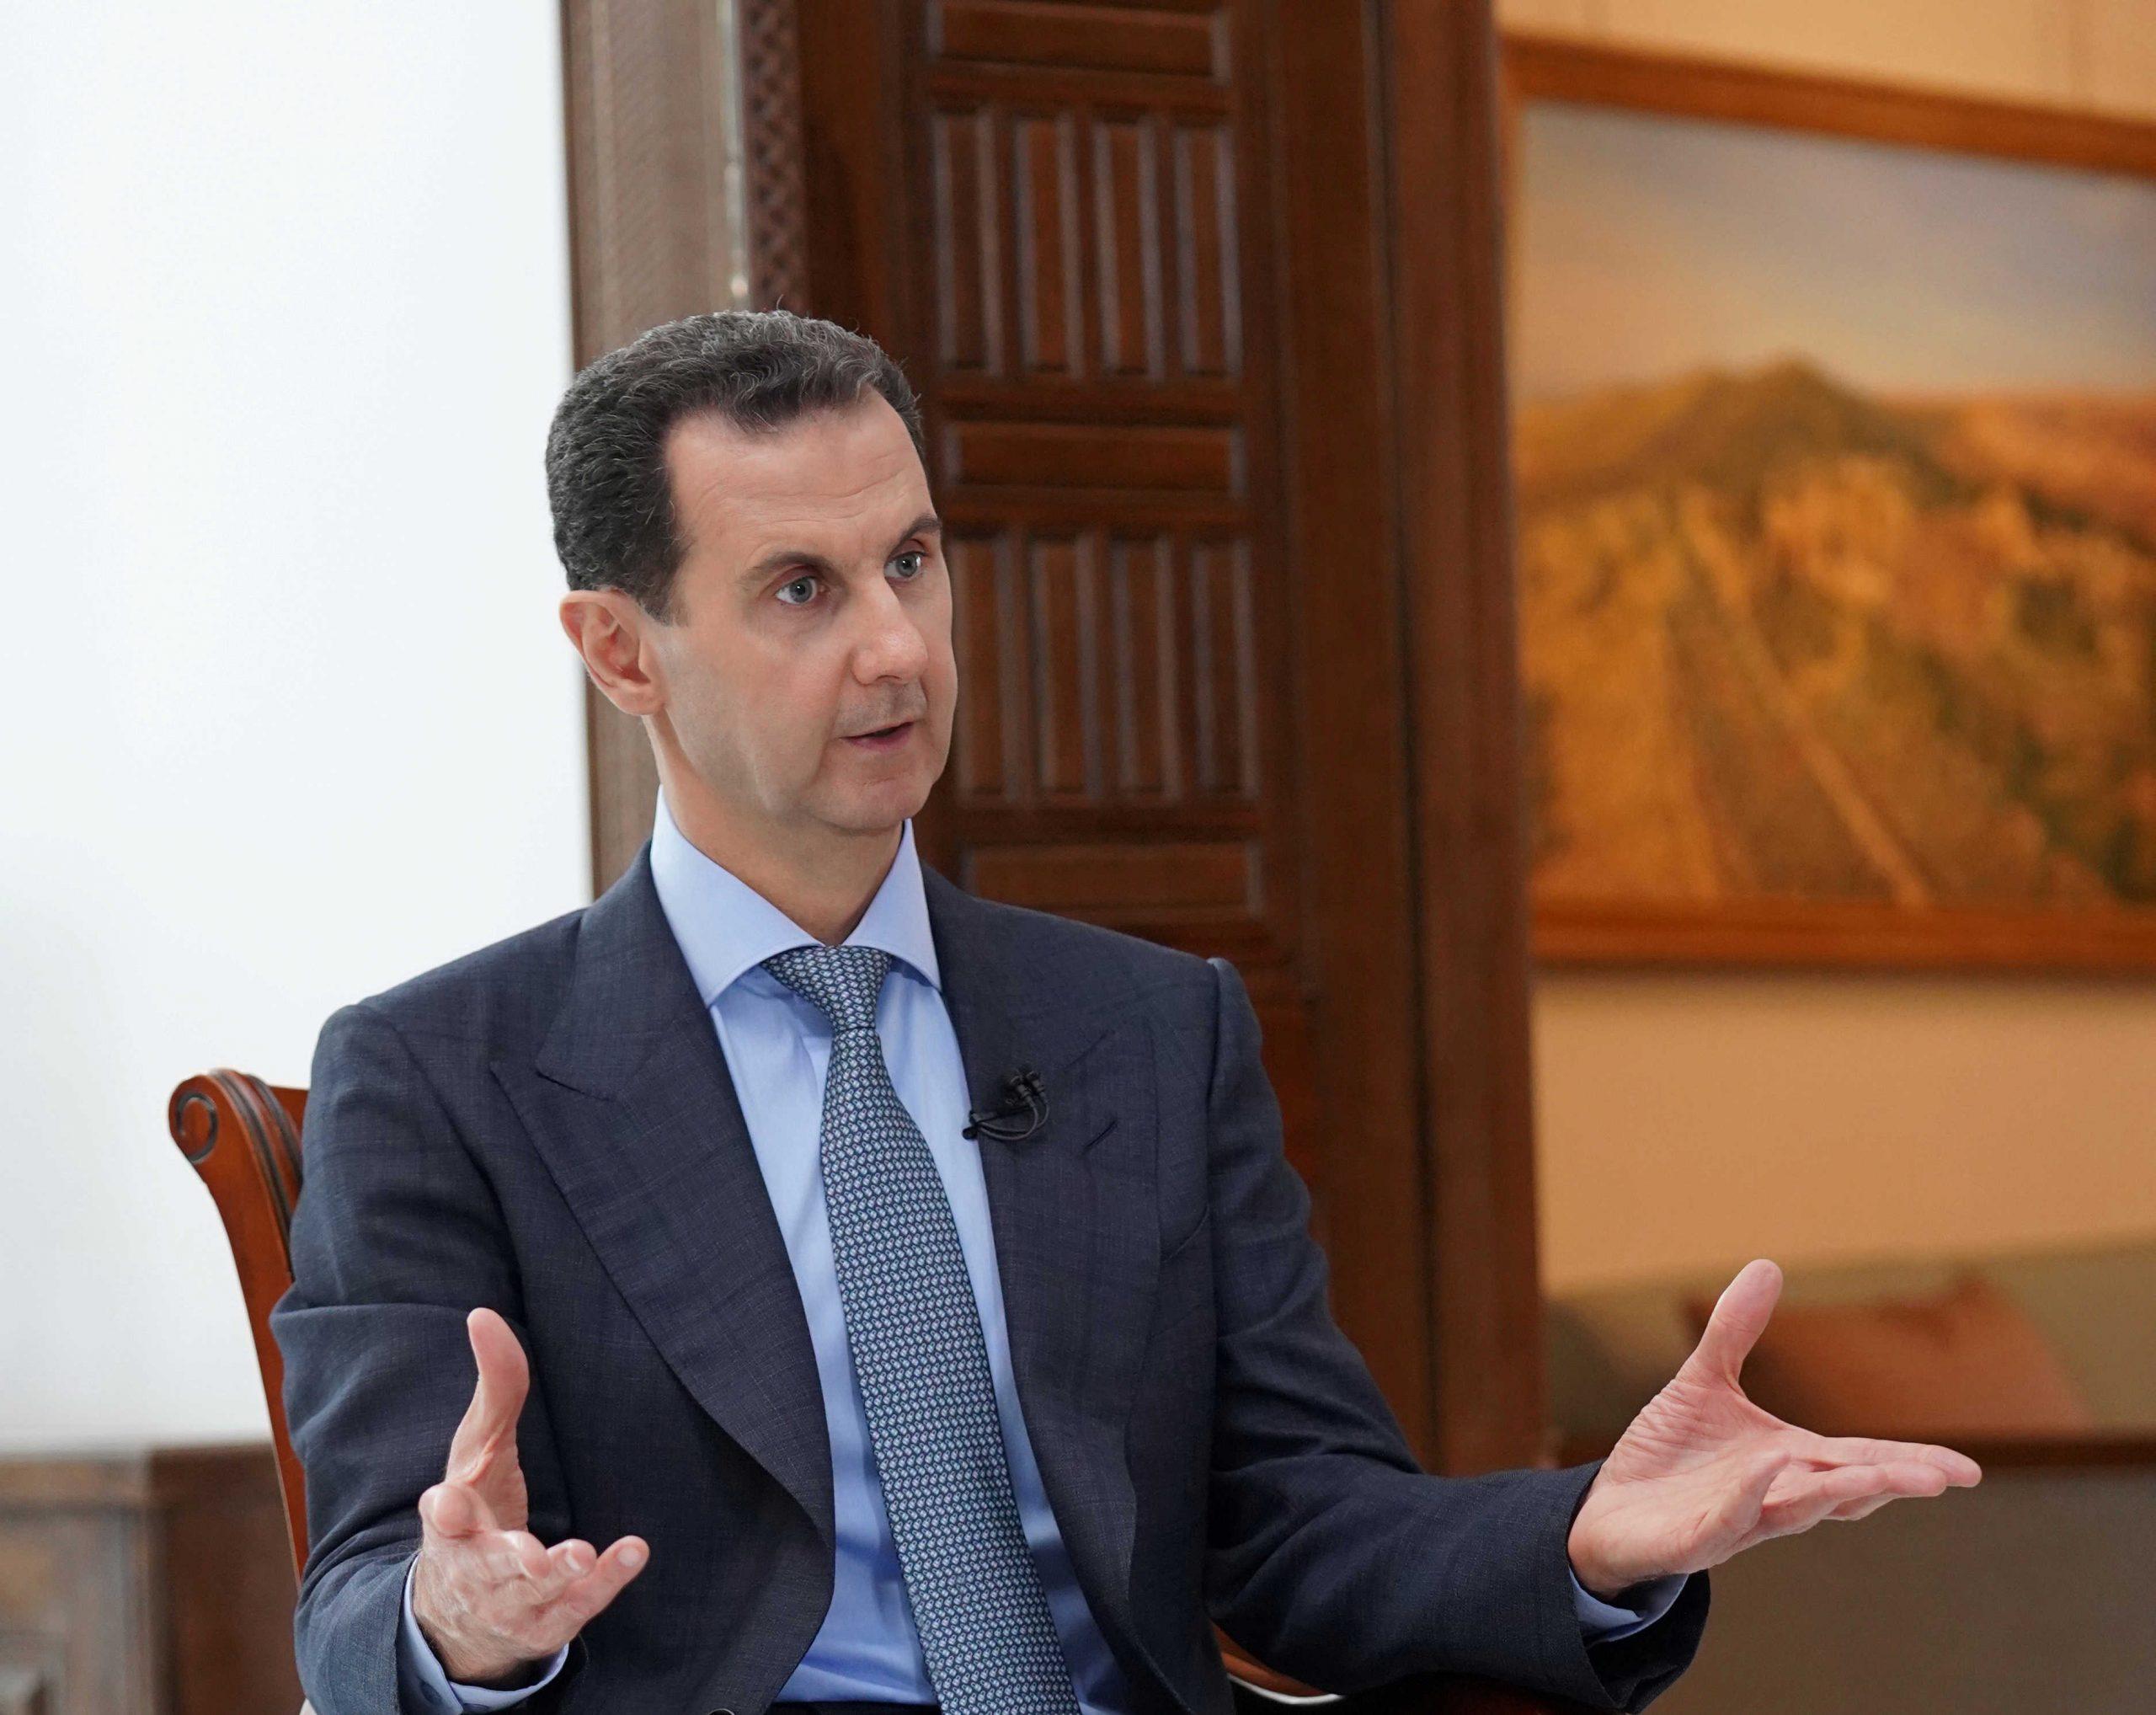 بشار الأسد يصدر مرسوماً تشريعياً لجميع السوريين في الداخل والخارج.. ويكشف أهدافه